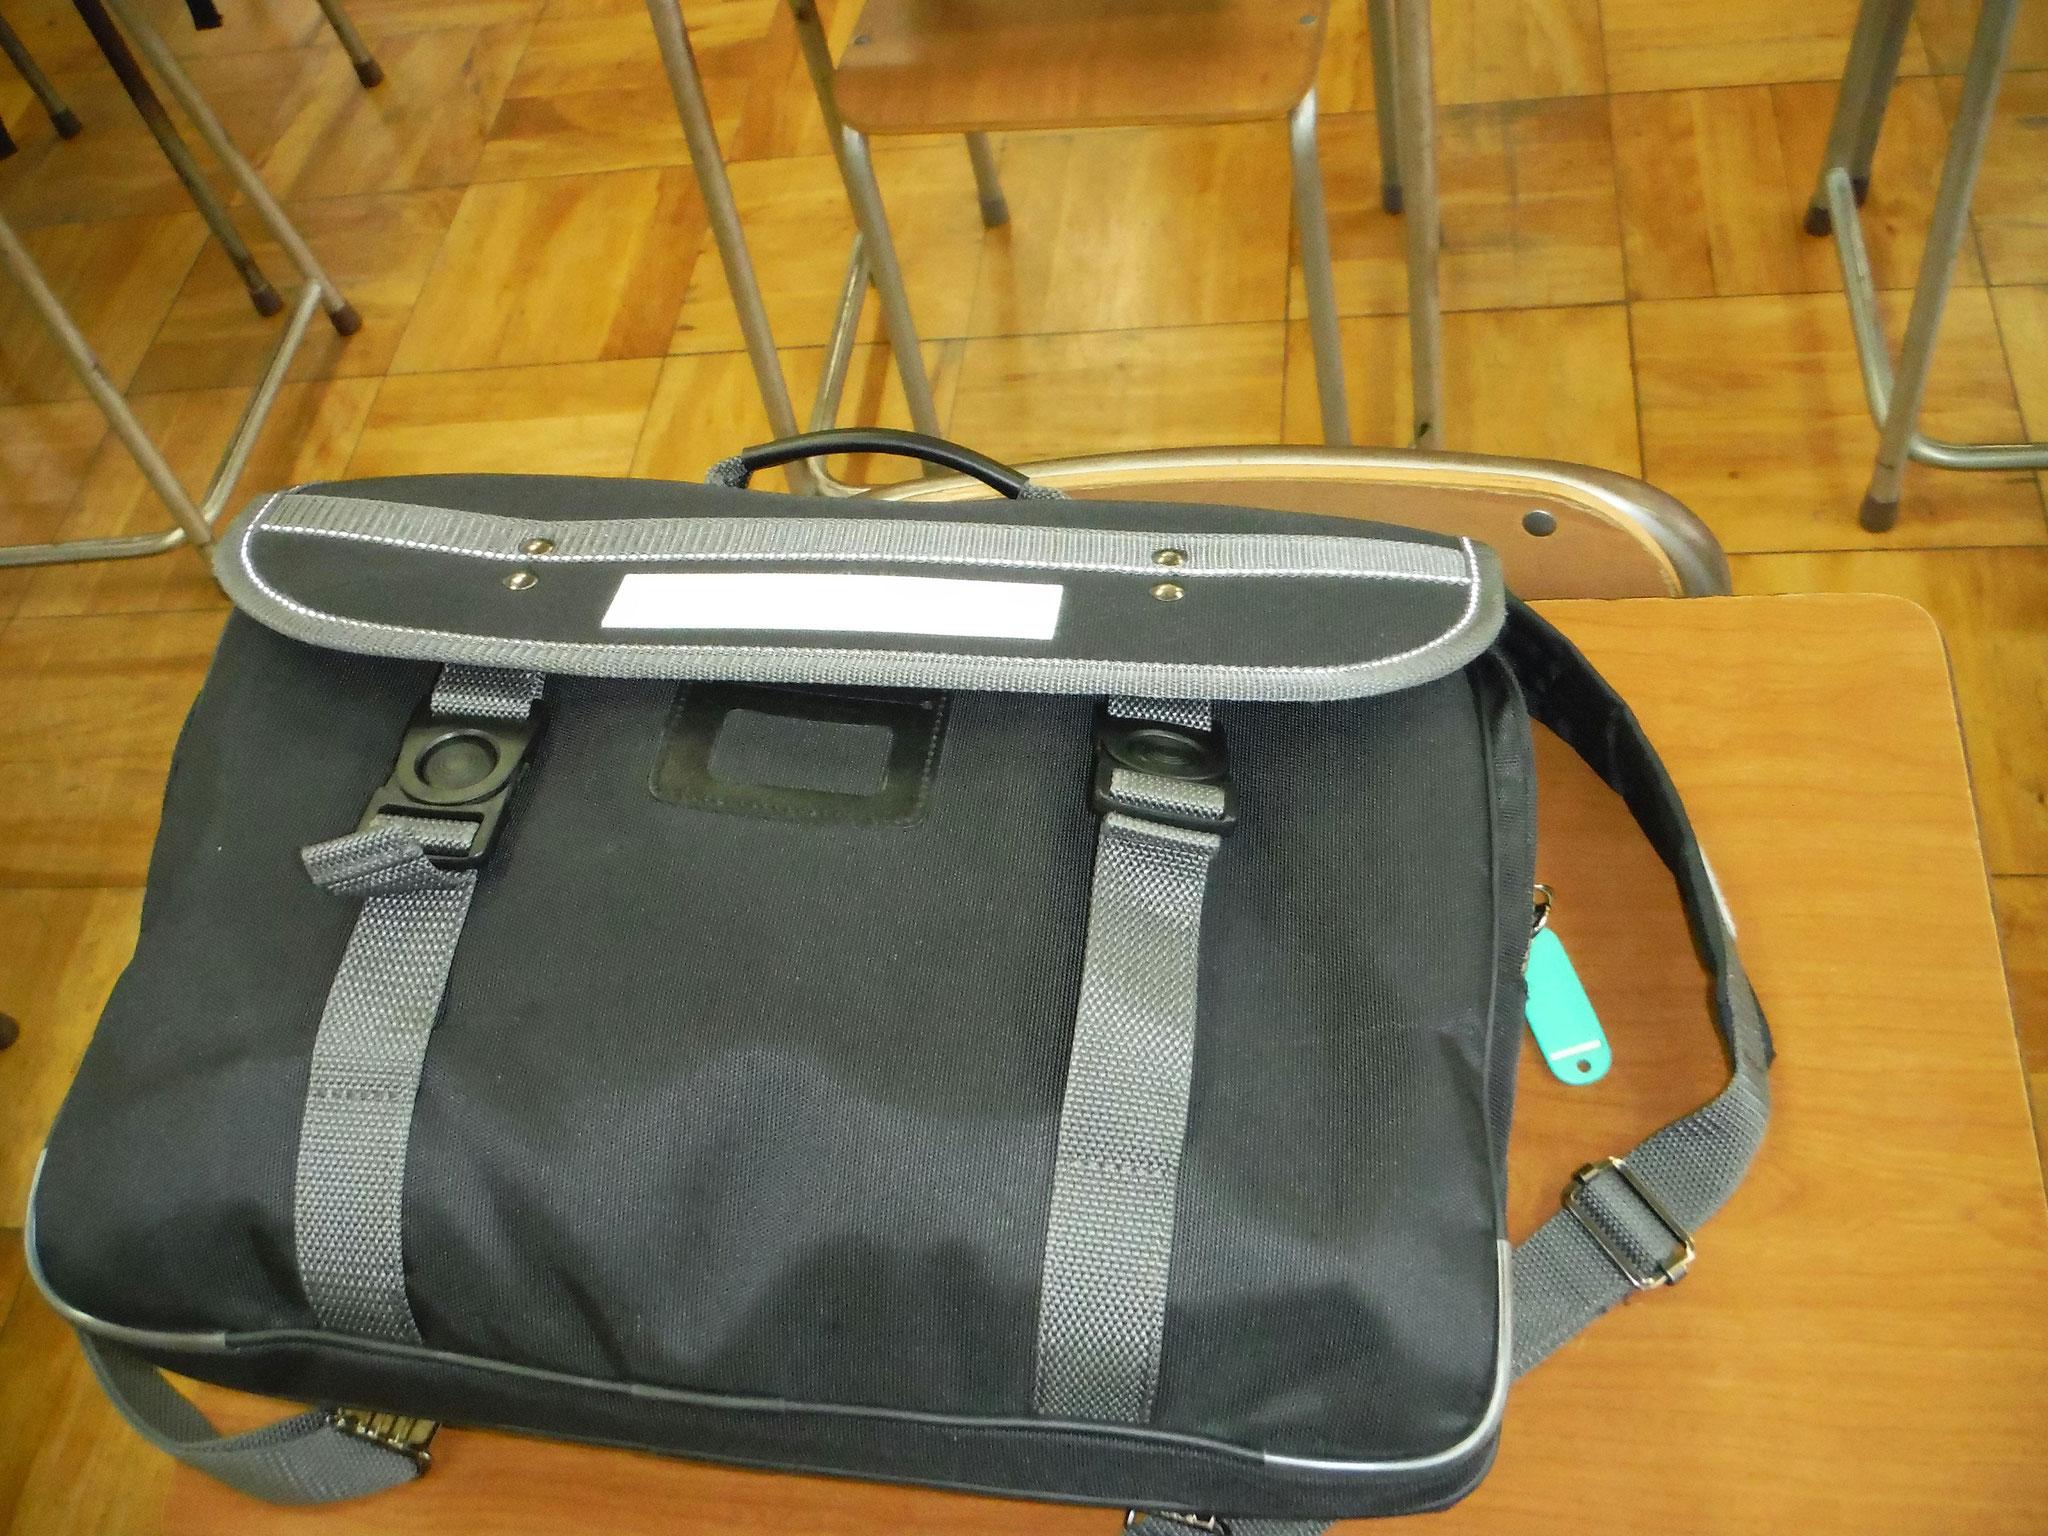 学生鞄のネームホルダー位置